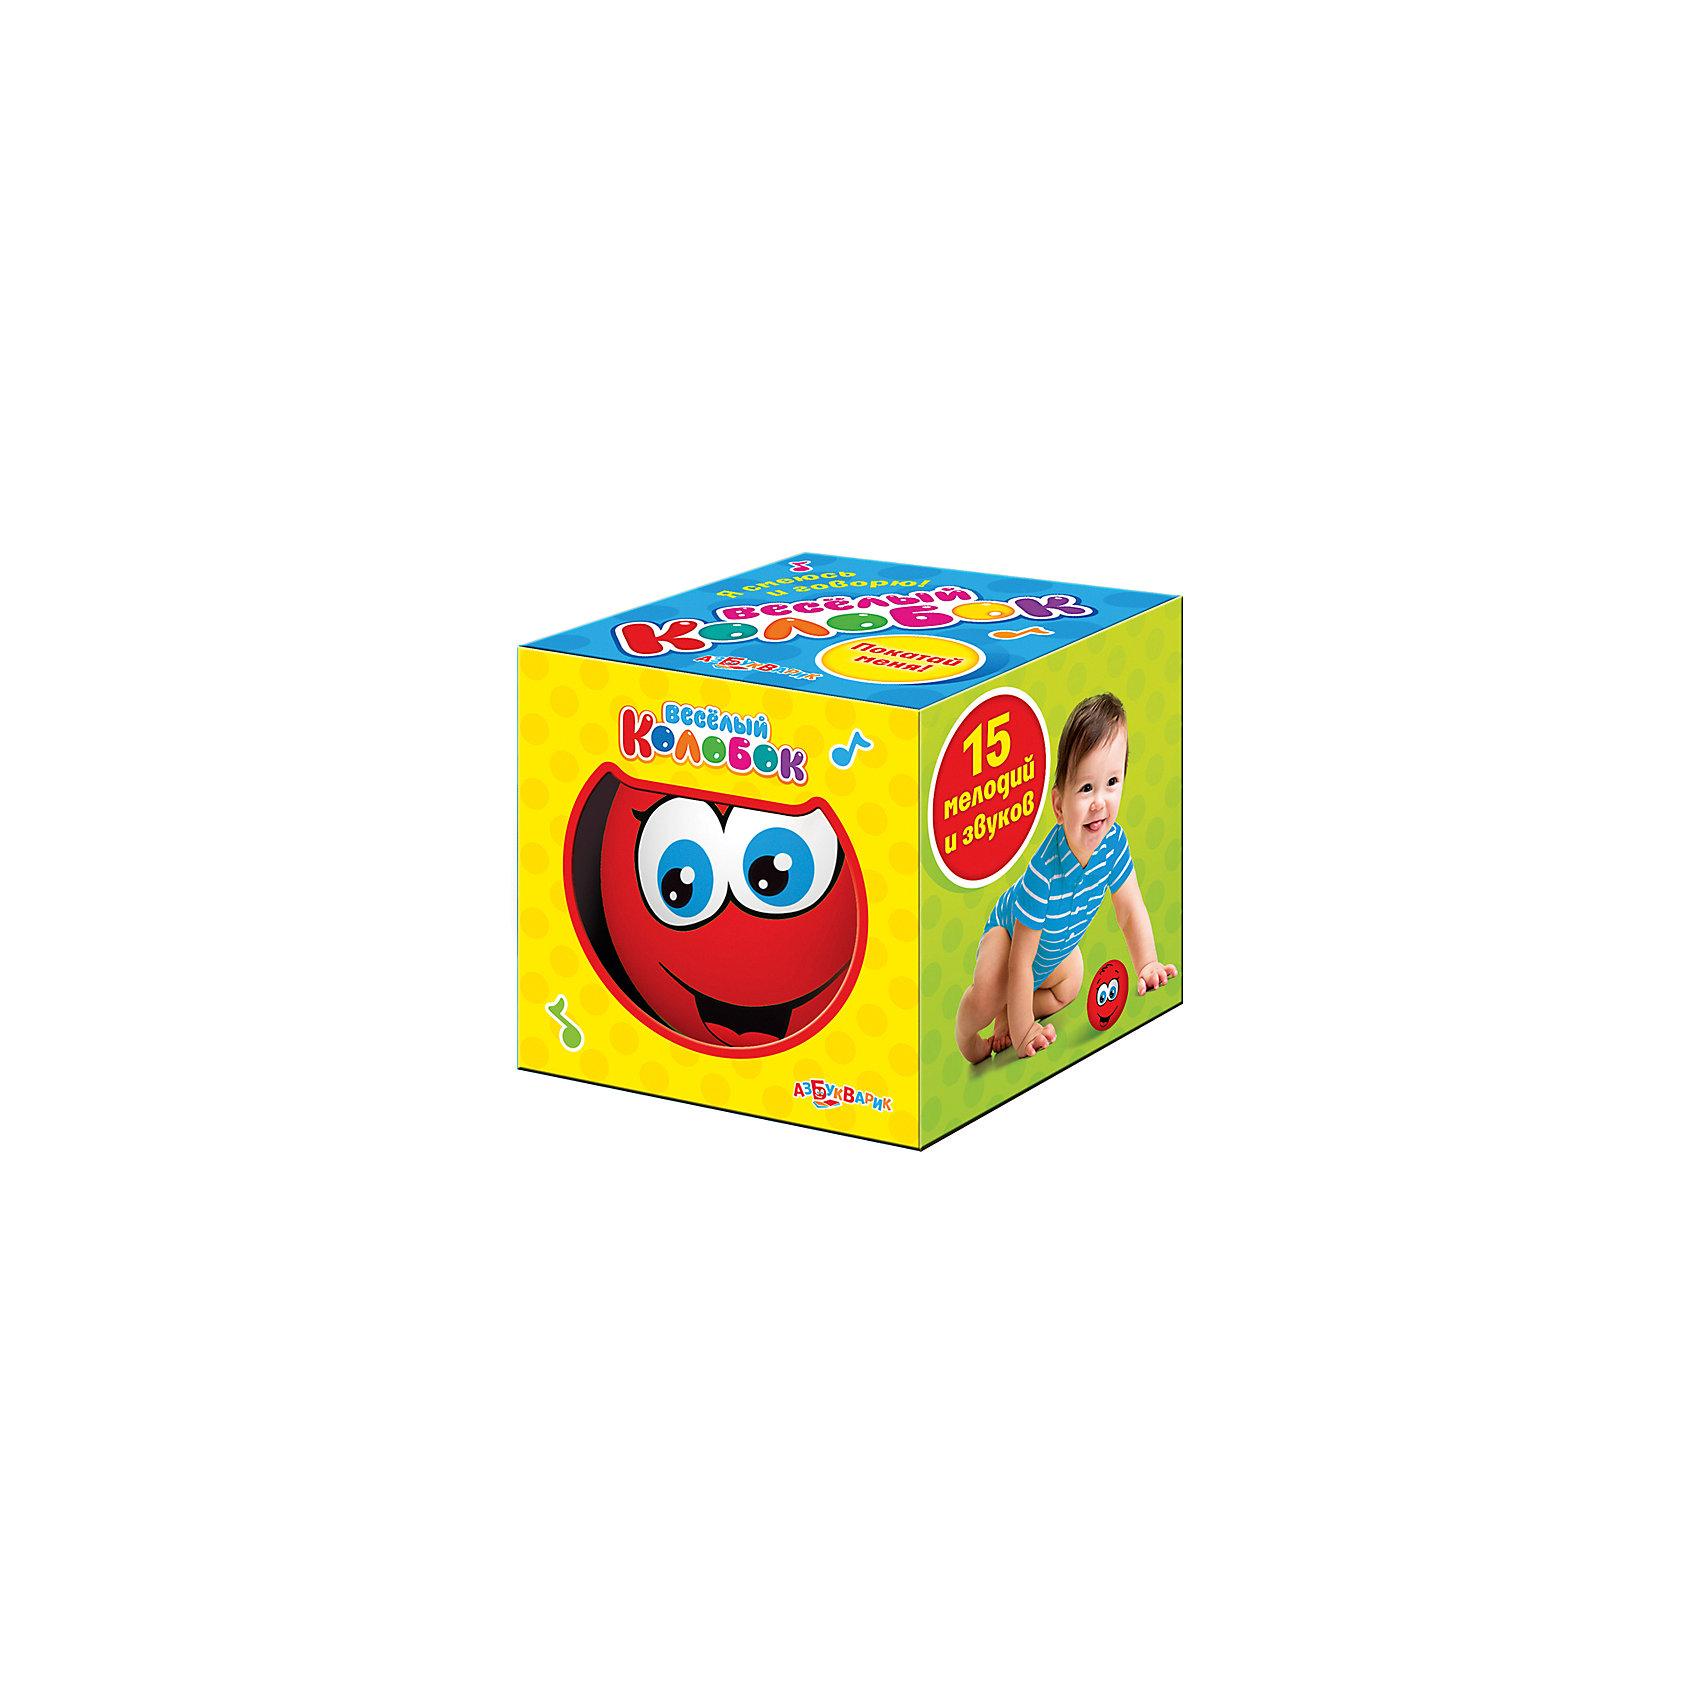 Музыкальная игрушка Веселый колобок, цвет красный, АзбукварикМузыкальные инструменты и игрушки<br>Электронная музыкальная игрушка из пластмассы<br><br>Ширина мм: 800<br>Глубина мм: 800<br>Высота мм: 80<br>Вес г: 125<br>Возраст от месяцев: 24<br>Возраст до месяцев: 48<br>Пол: Унисекс<br>Возраст: Детский<br>SKU: 5577790